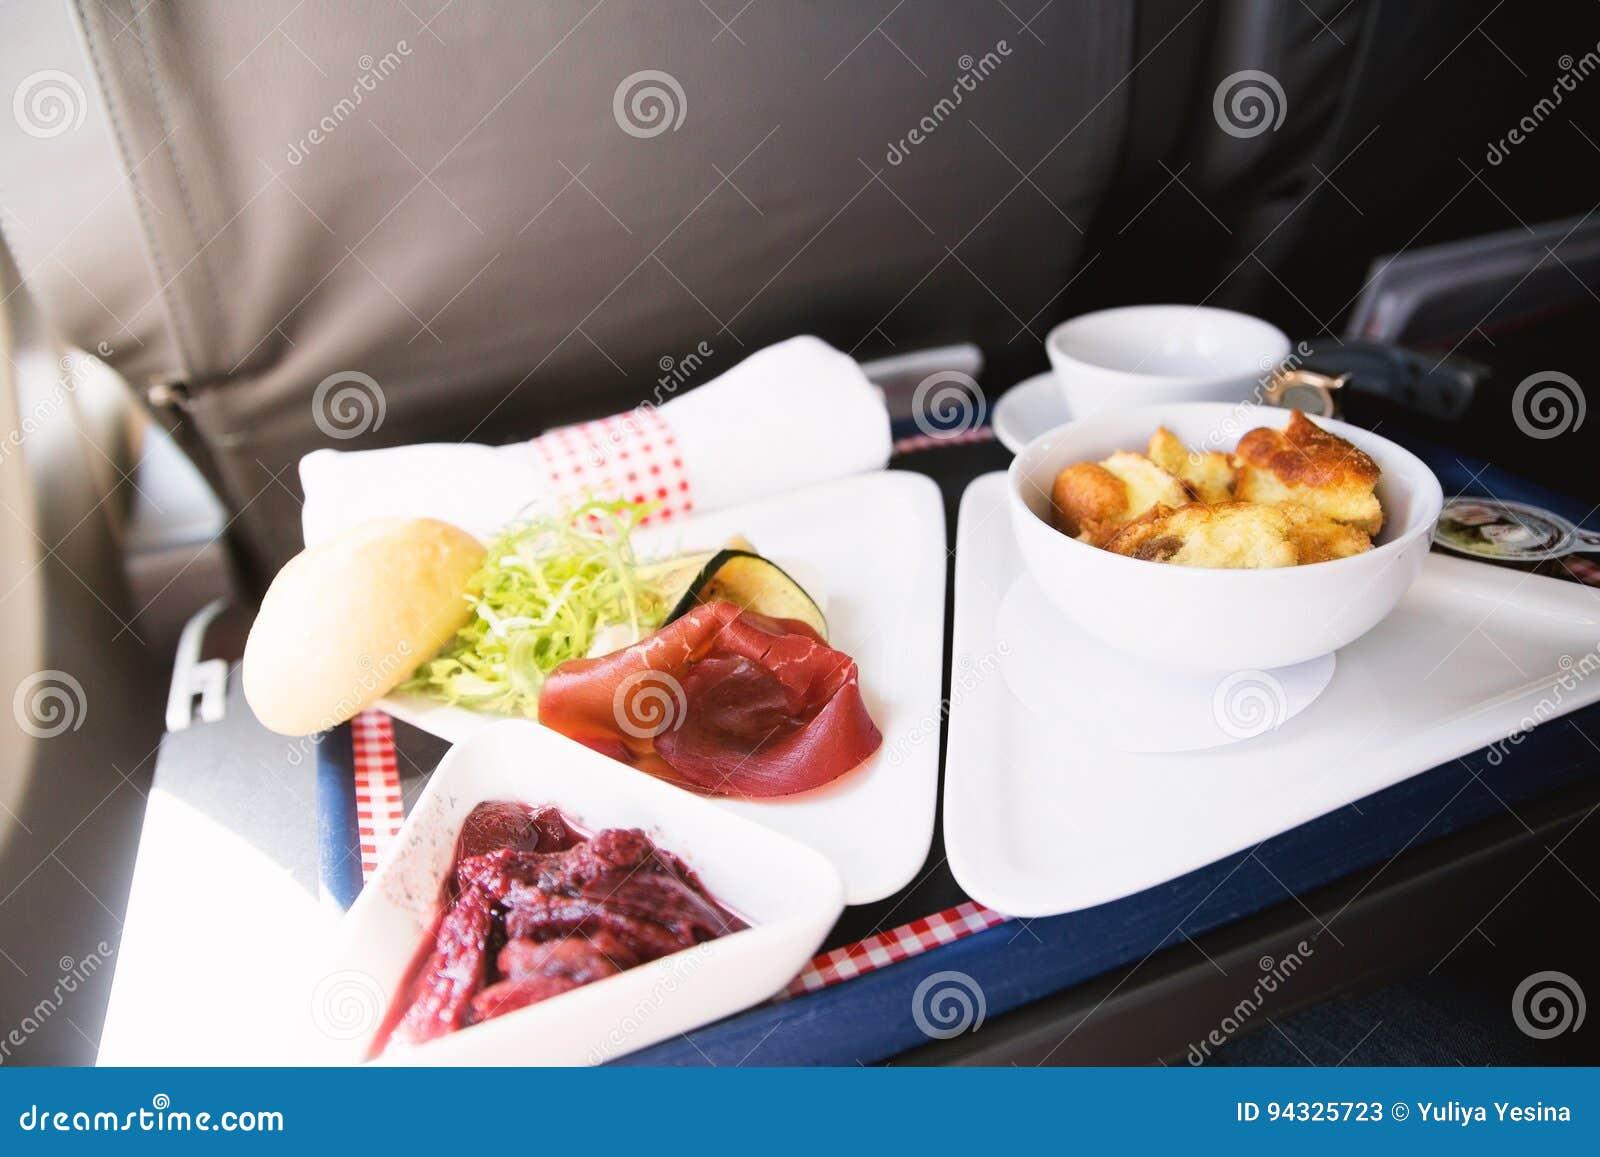 Lebensmittel Auf Dem Tisch Gedient An Bord Von Business Class